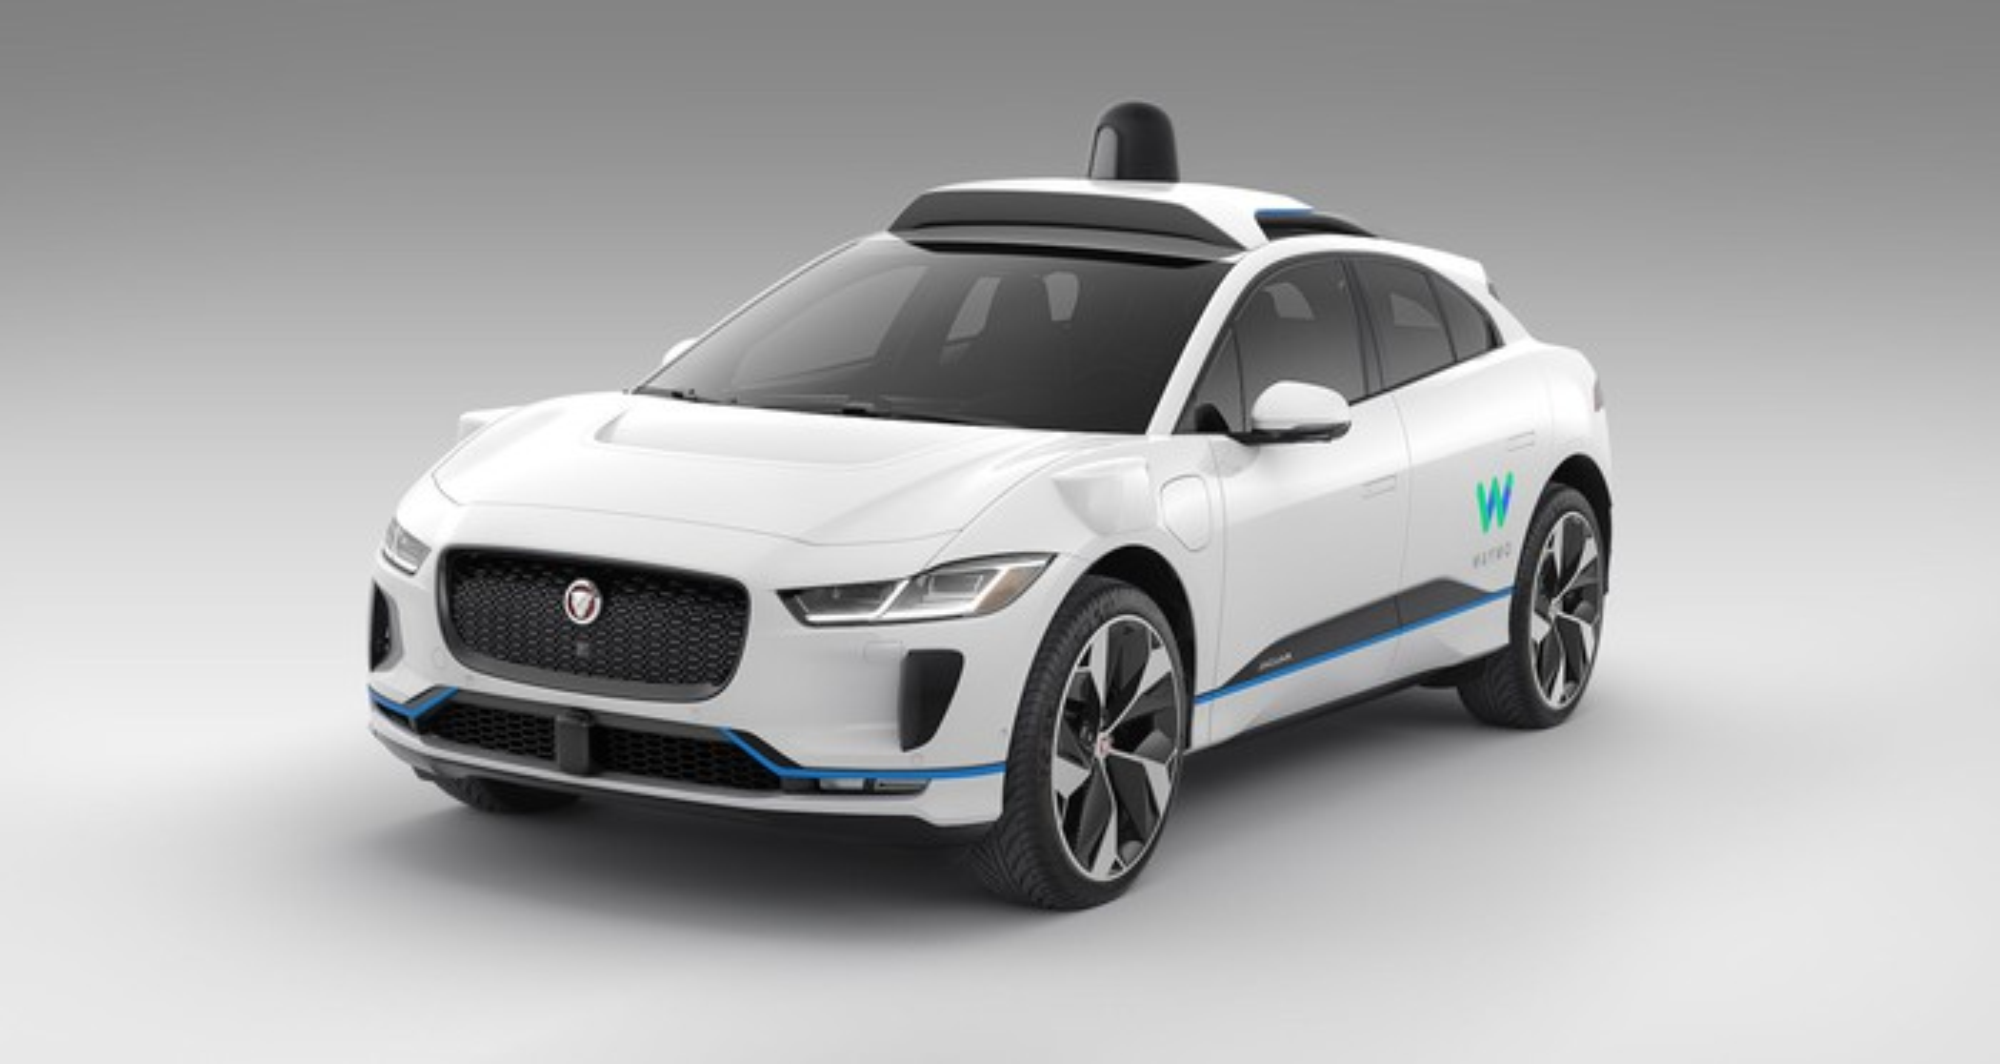 A Jaguar I-Pace car with Waymo branding.